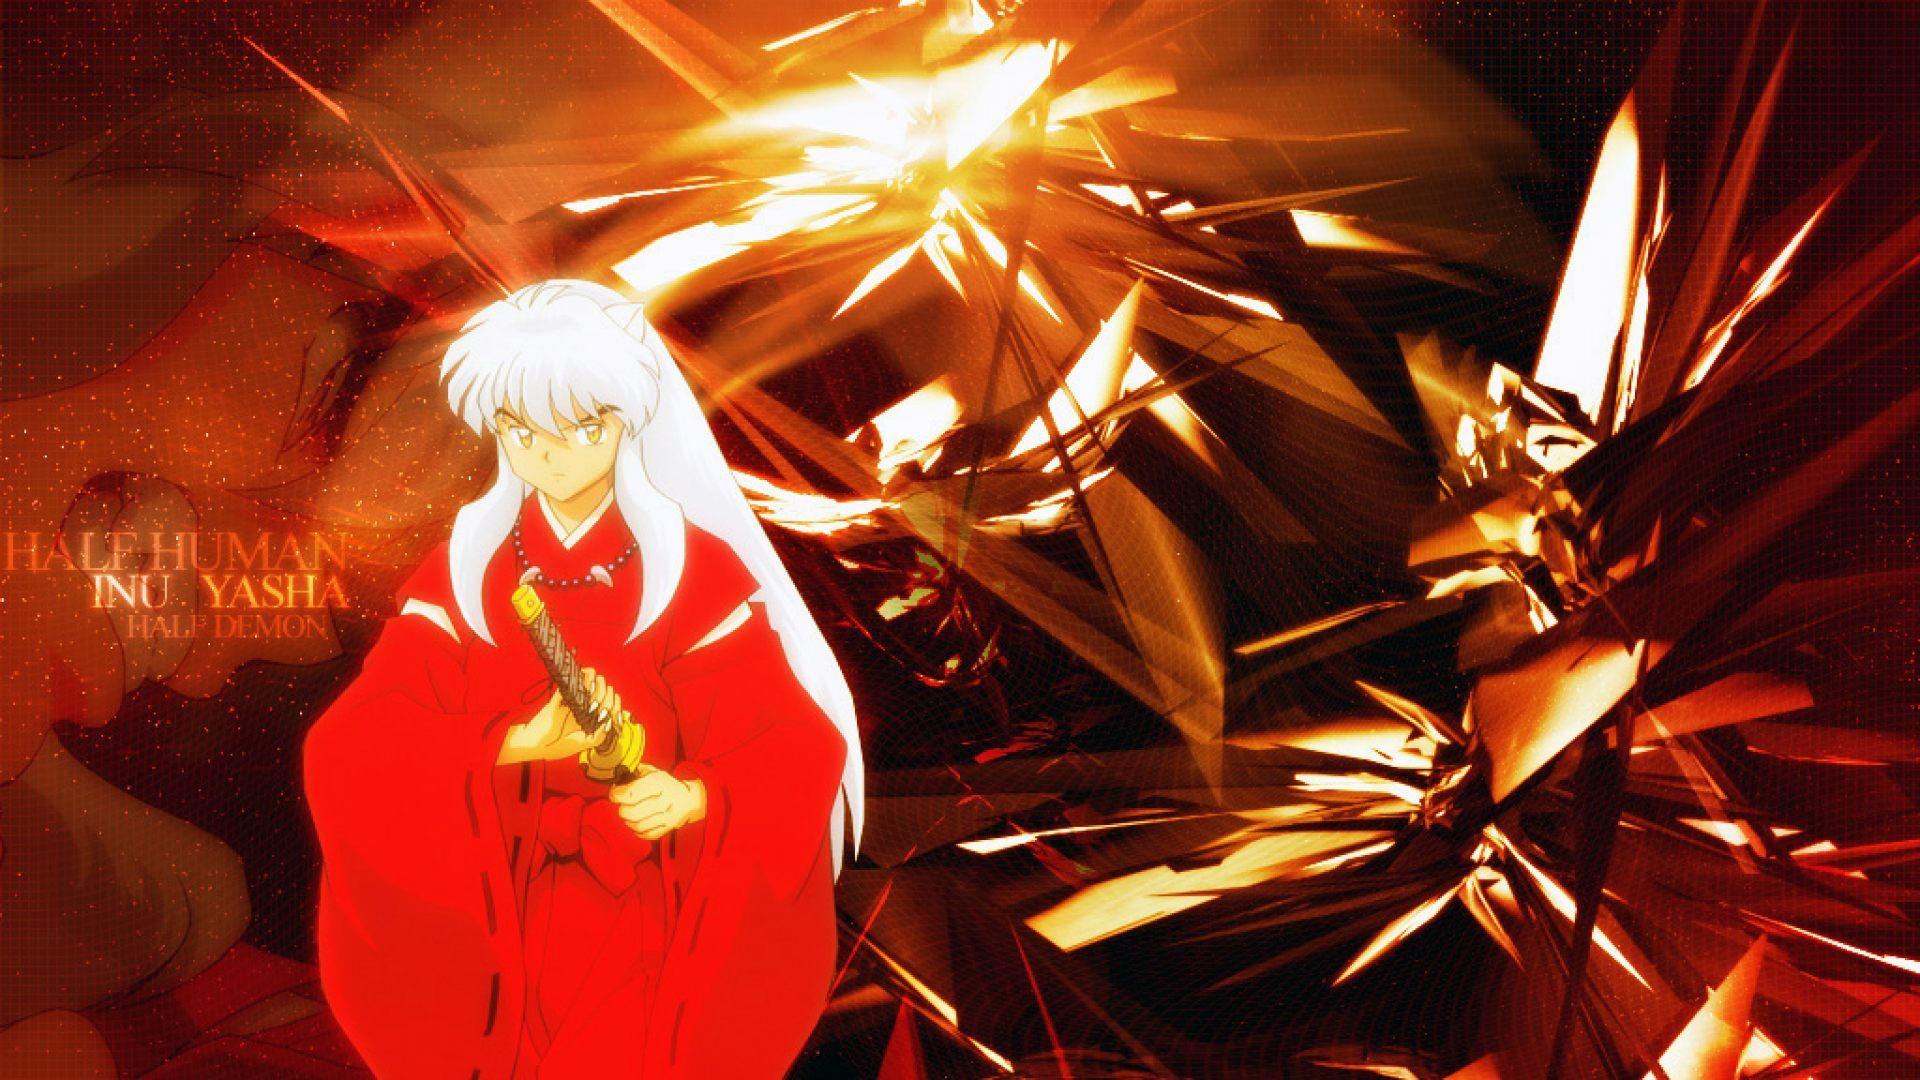 Widescreen Anime Girl Wallpaper Hd Inuyasha Wallpapers Pixelstalk Net